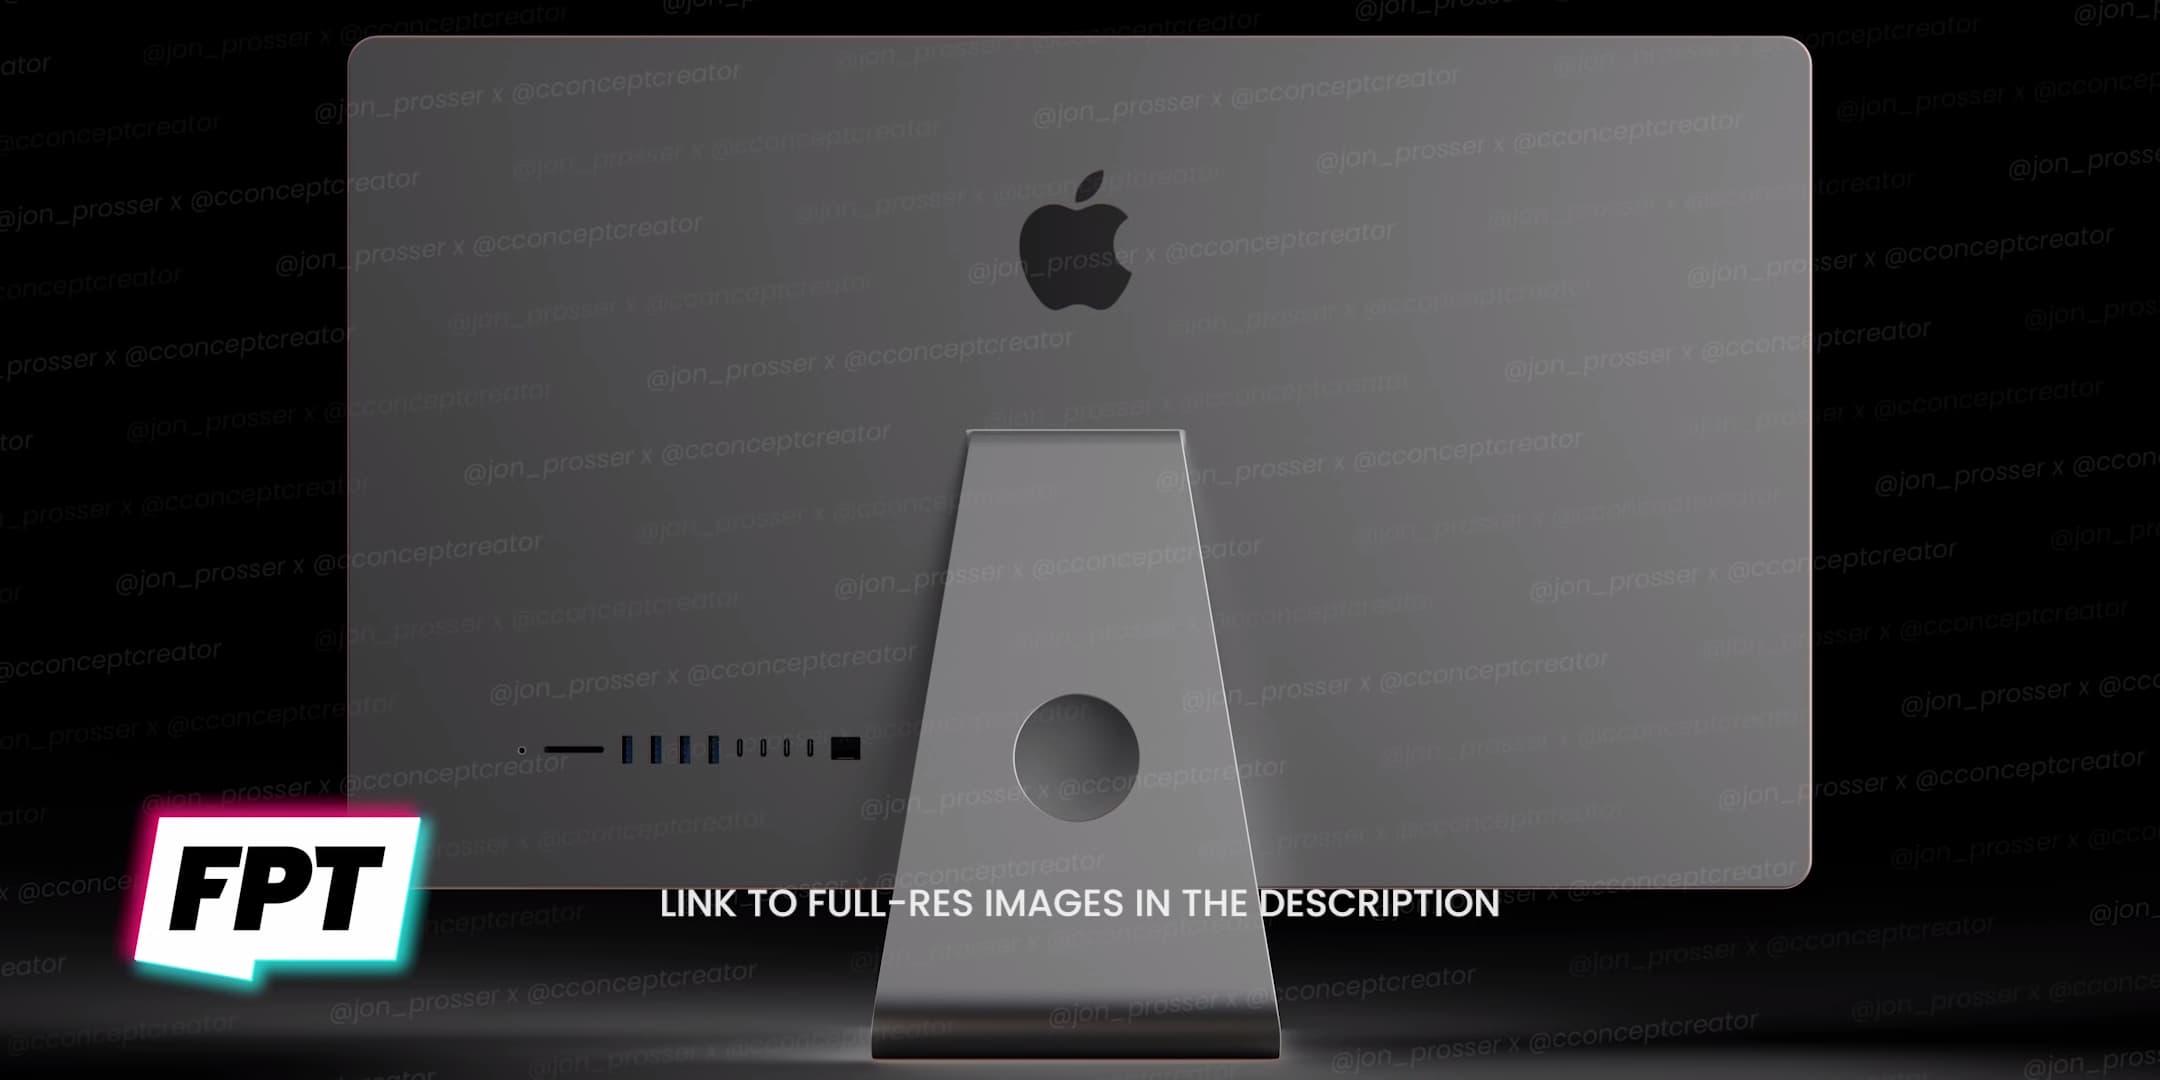 蘋果 2021 iMac 外觀首度曝光,有5種顏色類似 iPad Air